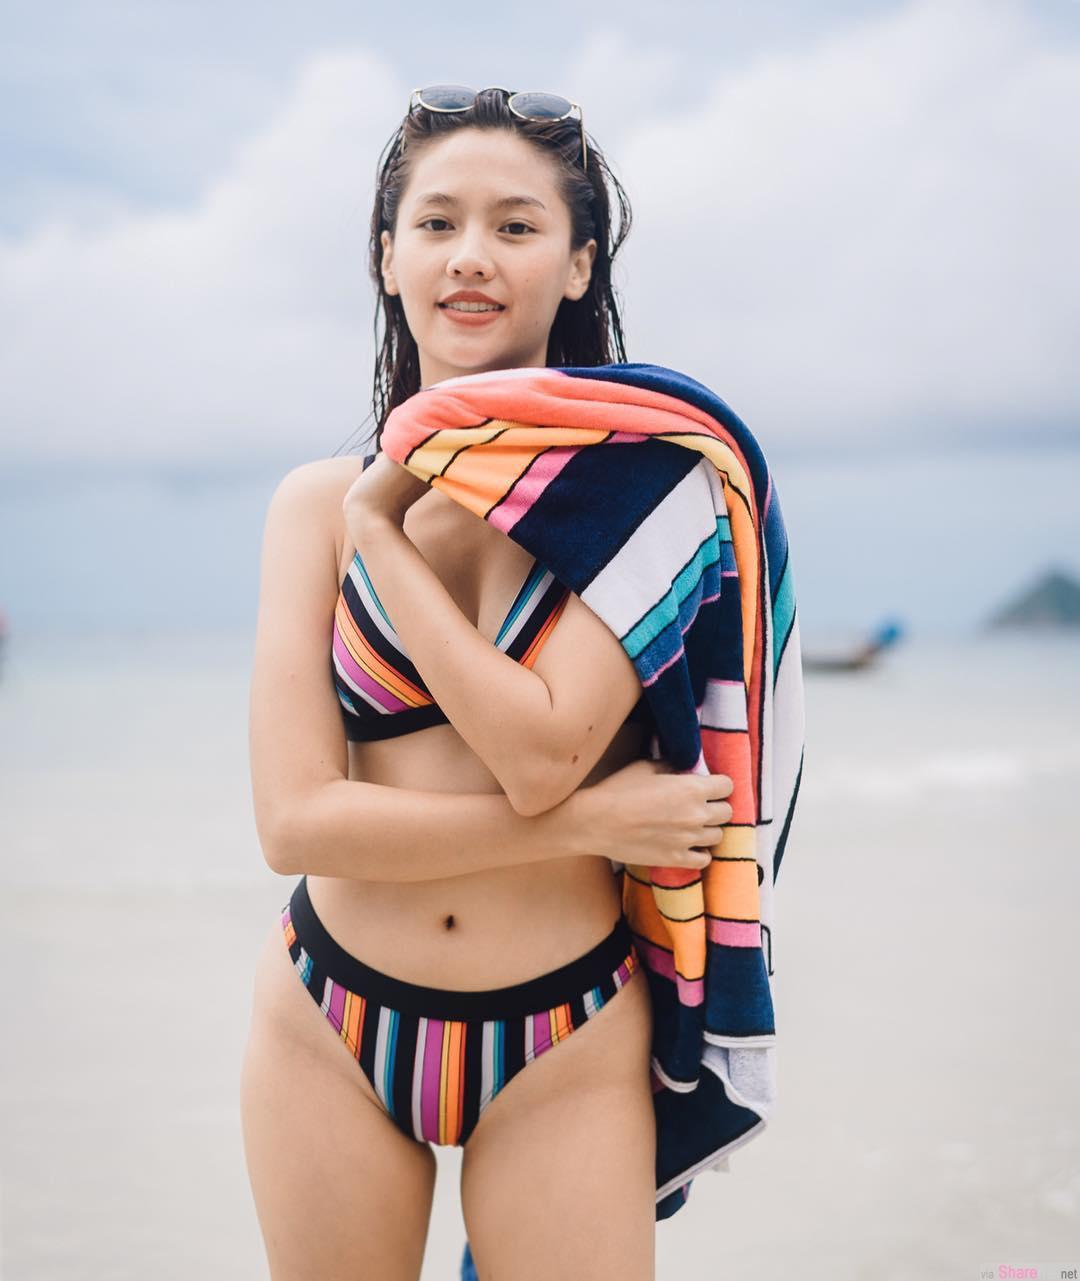 泰国正妹Metal,脸蛋甜美泳装照太犯规